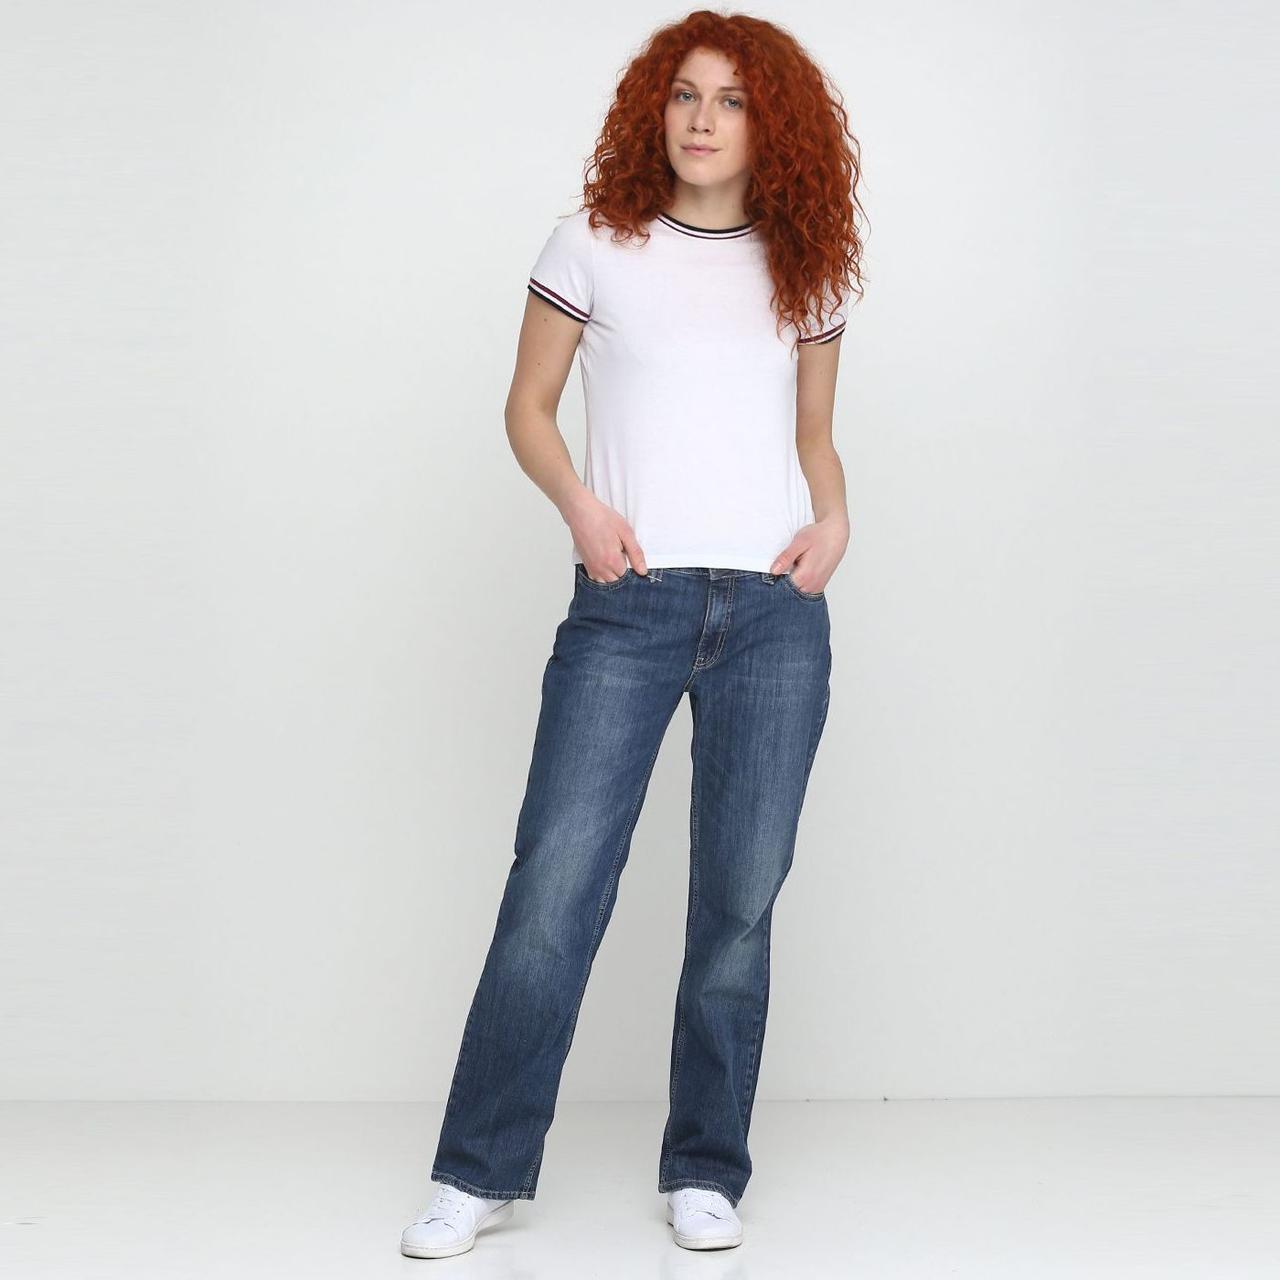 Женские джинсы HIS HS524866 (44W31L)